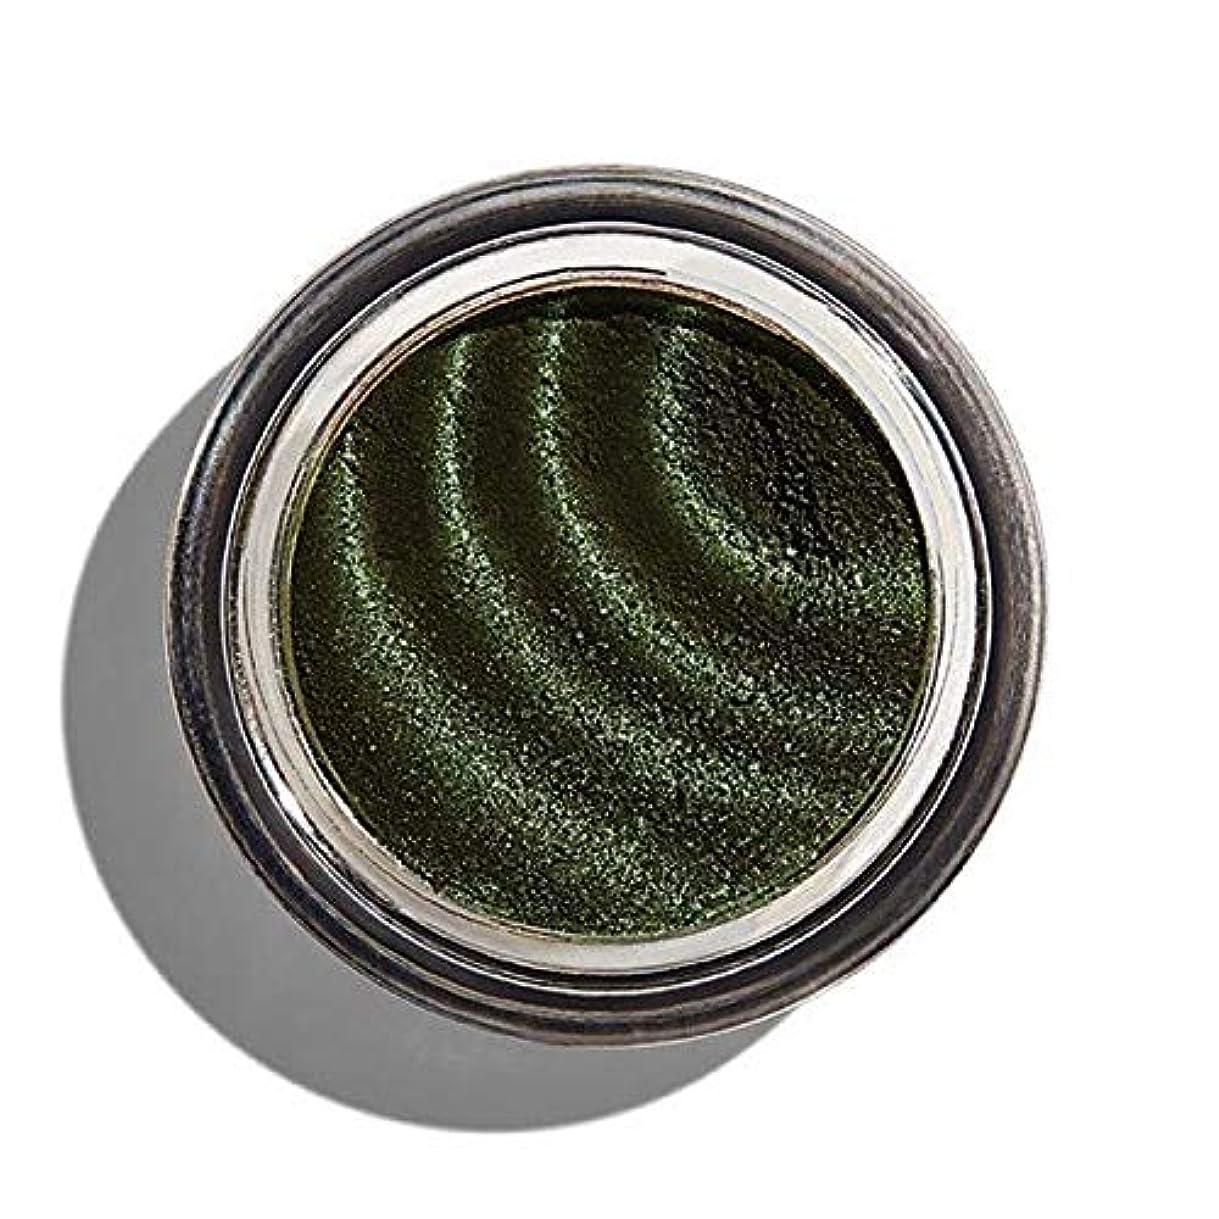 起訴するスピリチュアル[Revolution ] 化粧回転磁化のアイシャドウグリーン - Makeup Revolution Magnetize Eyeshadow Green [並行輸入品]